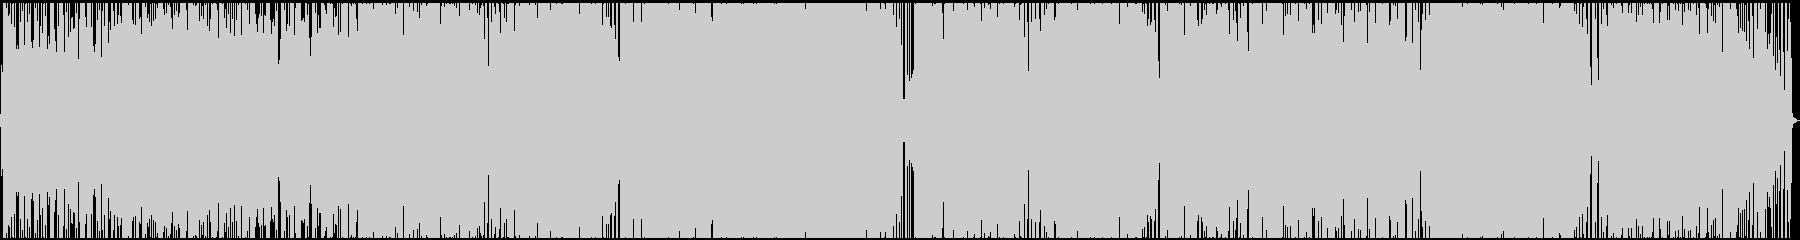 オシャレガールズポップの未再生の波形